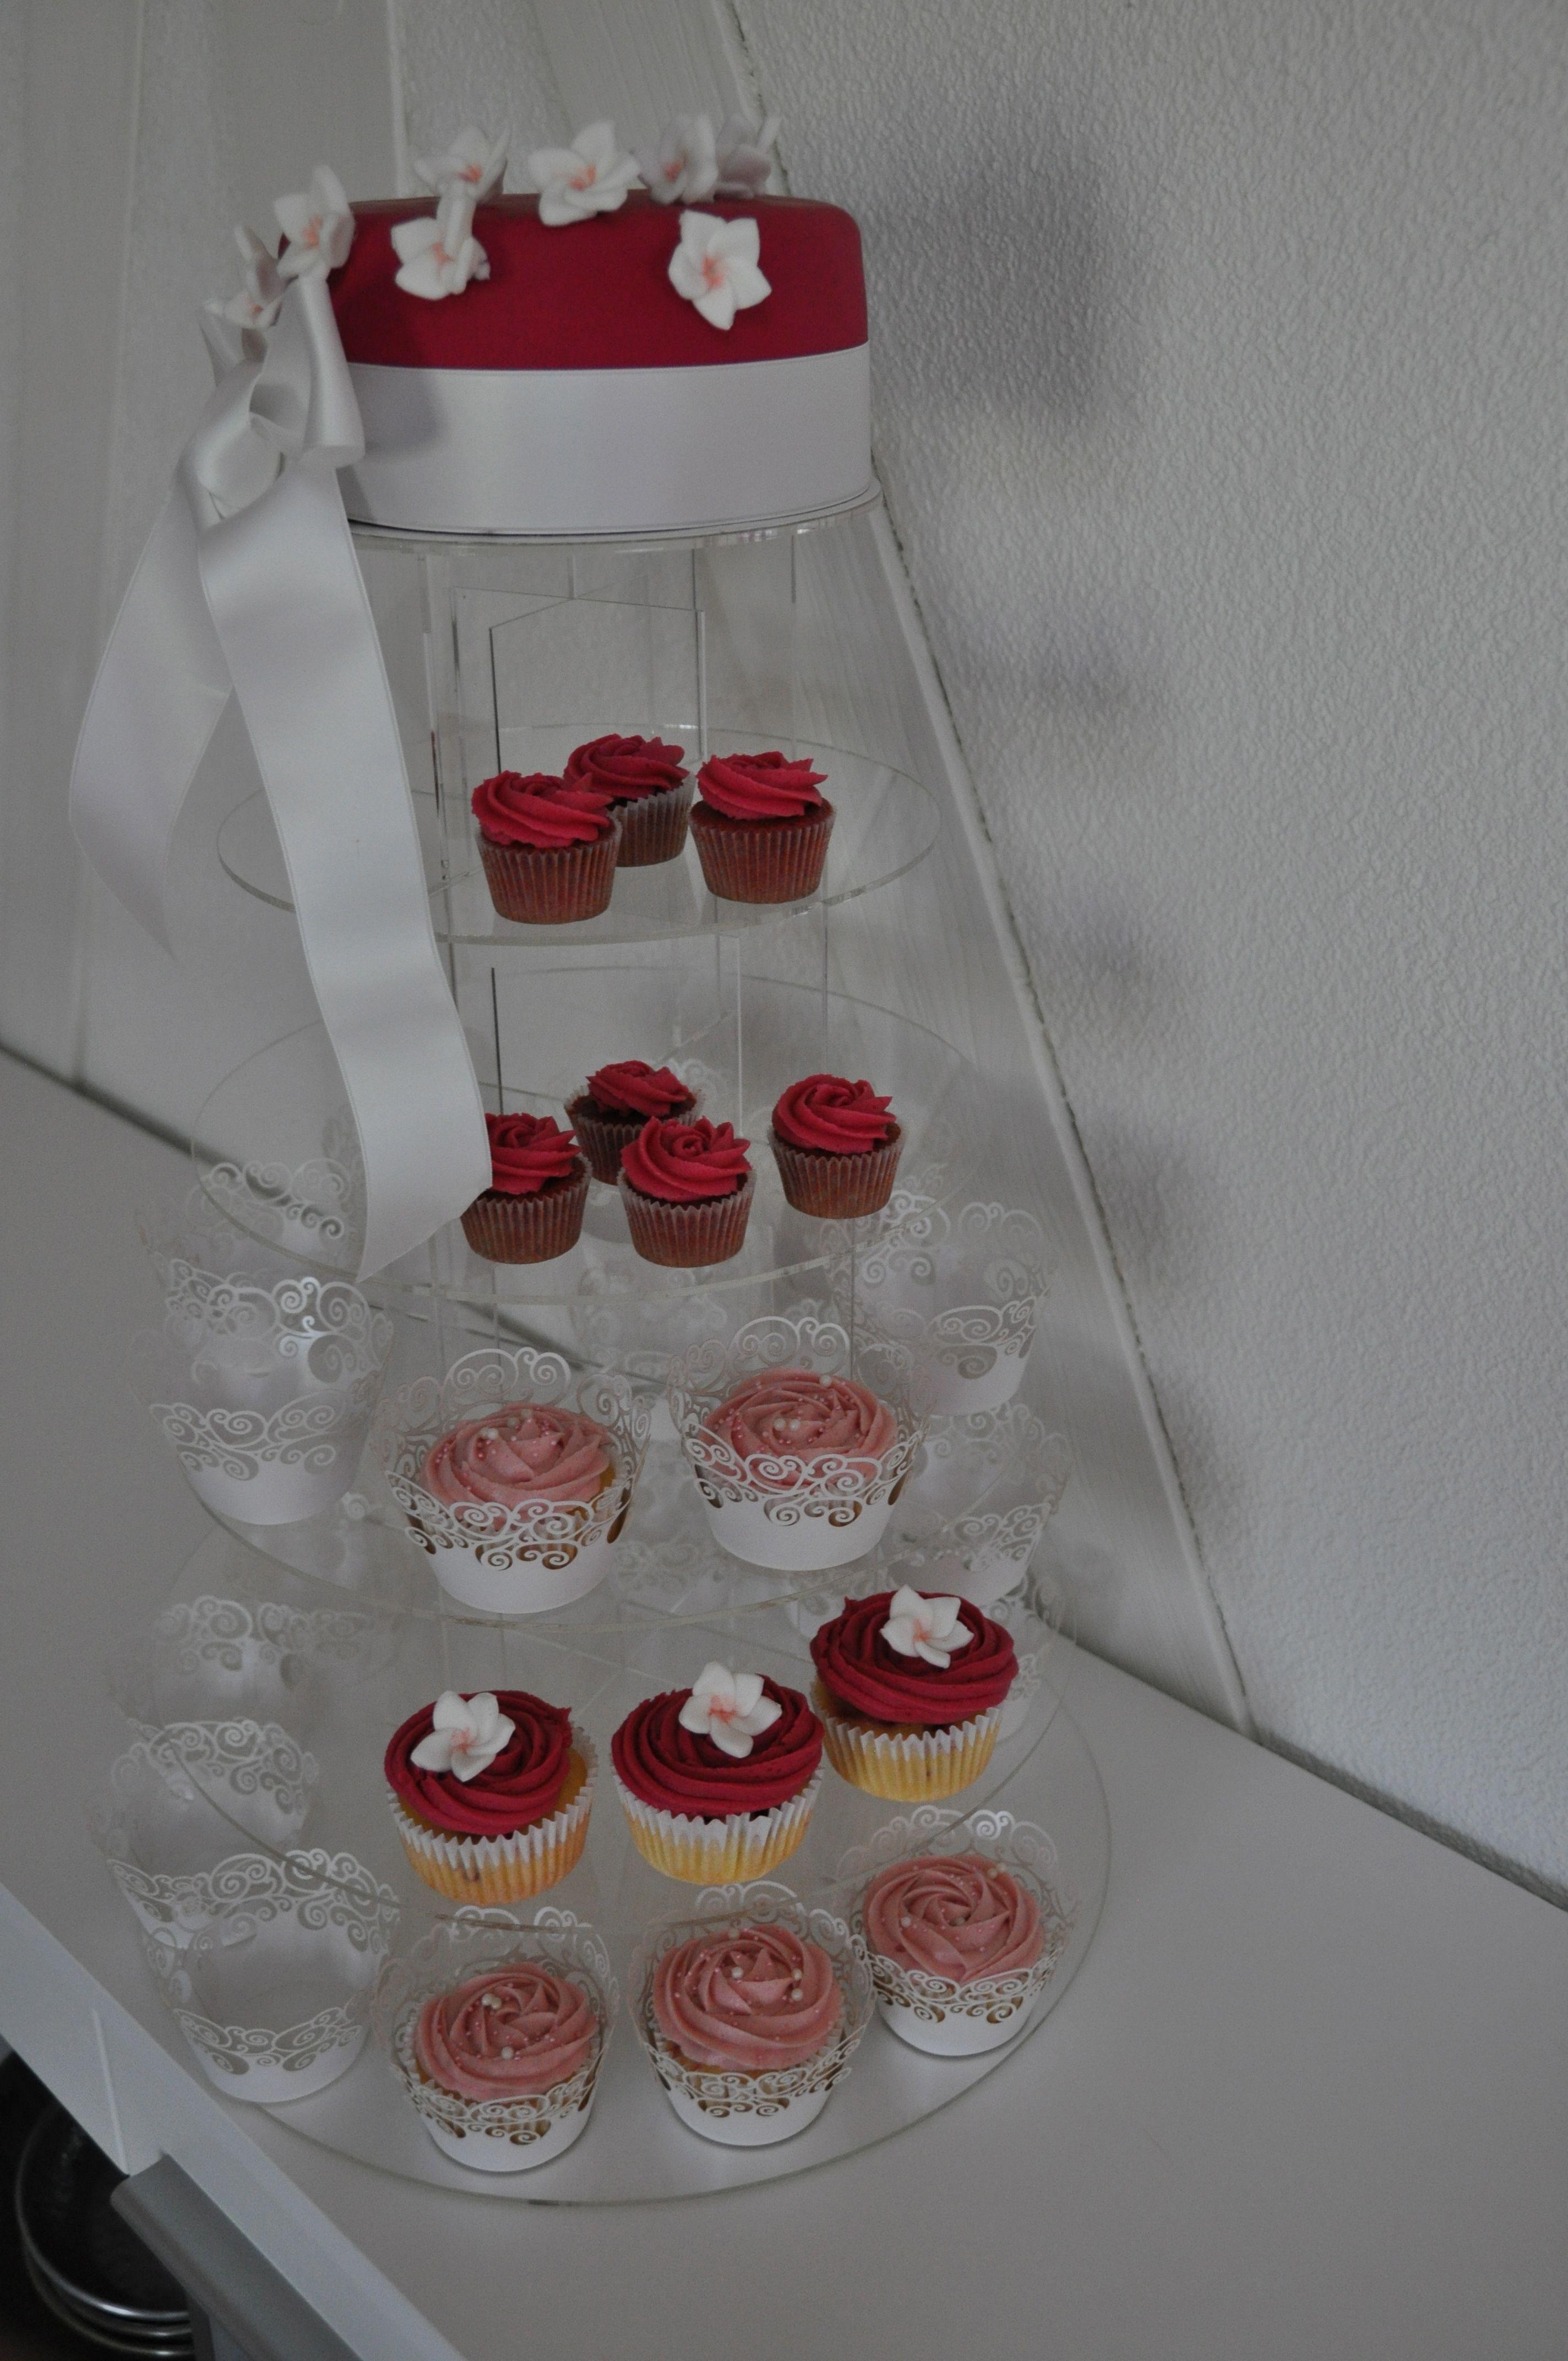 Hochzeitstorte made by me